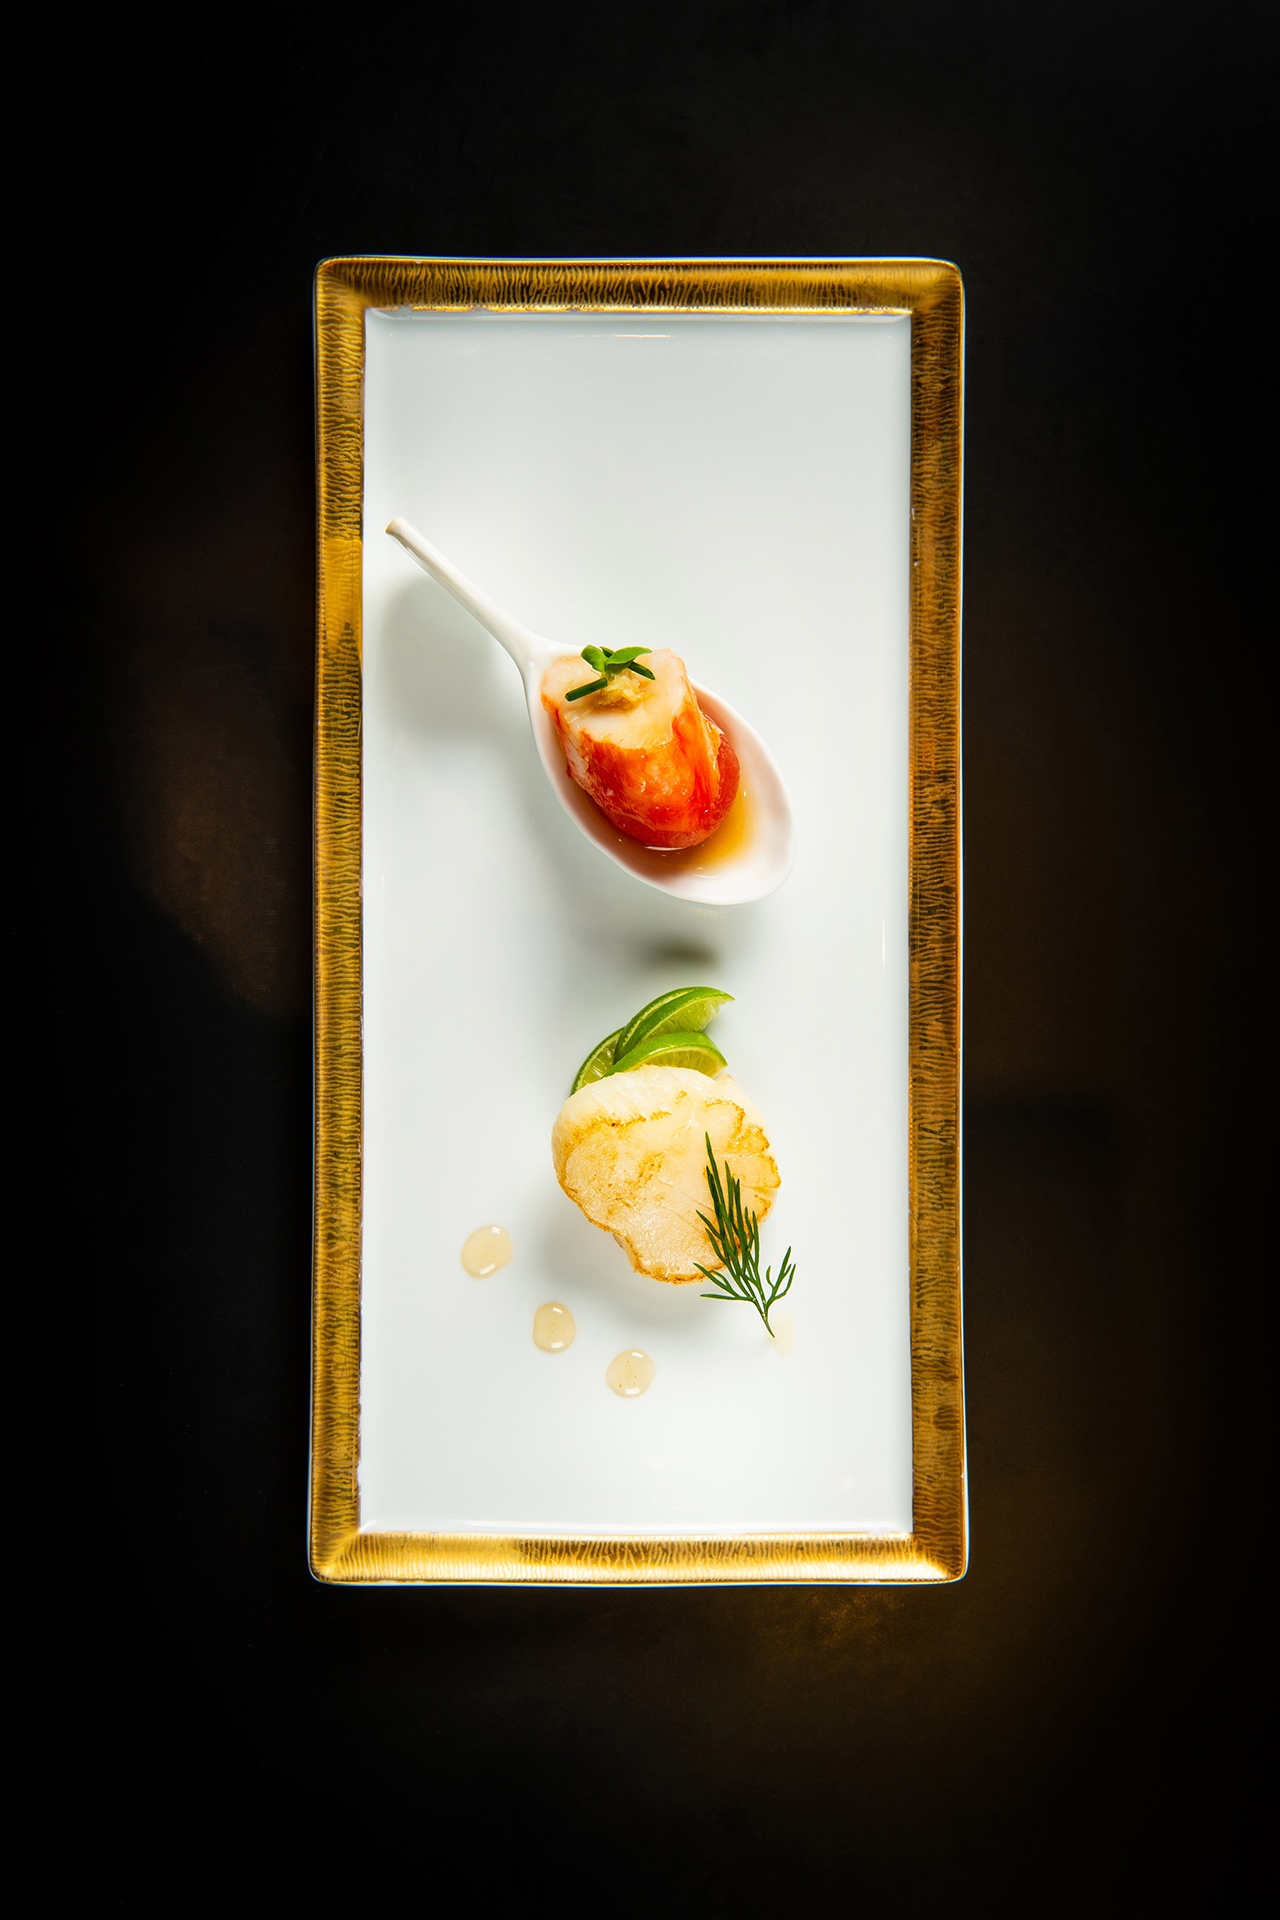 圖說3 青檸煎帶子及鱈場蟹小鮮茄